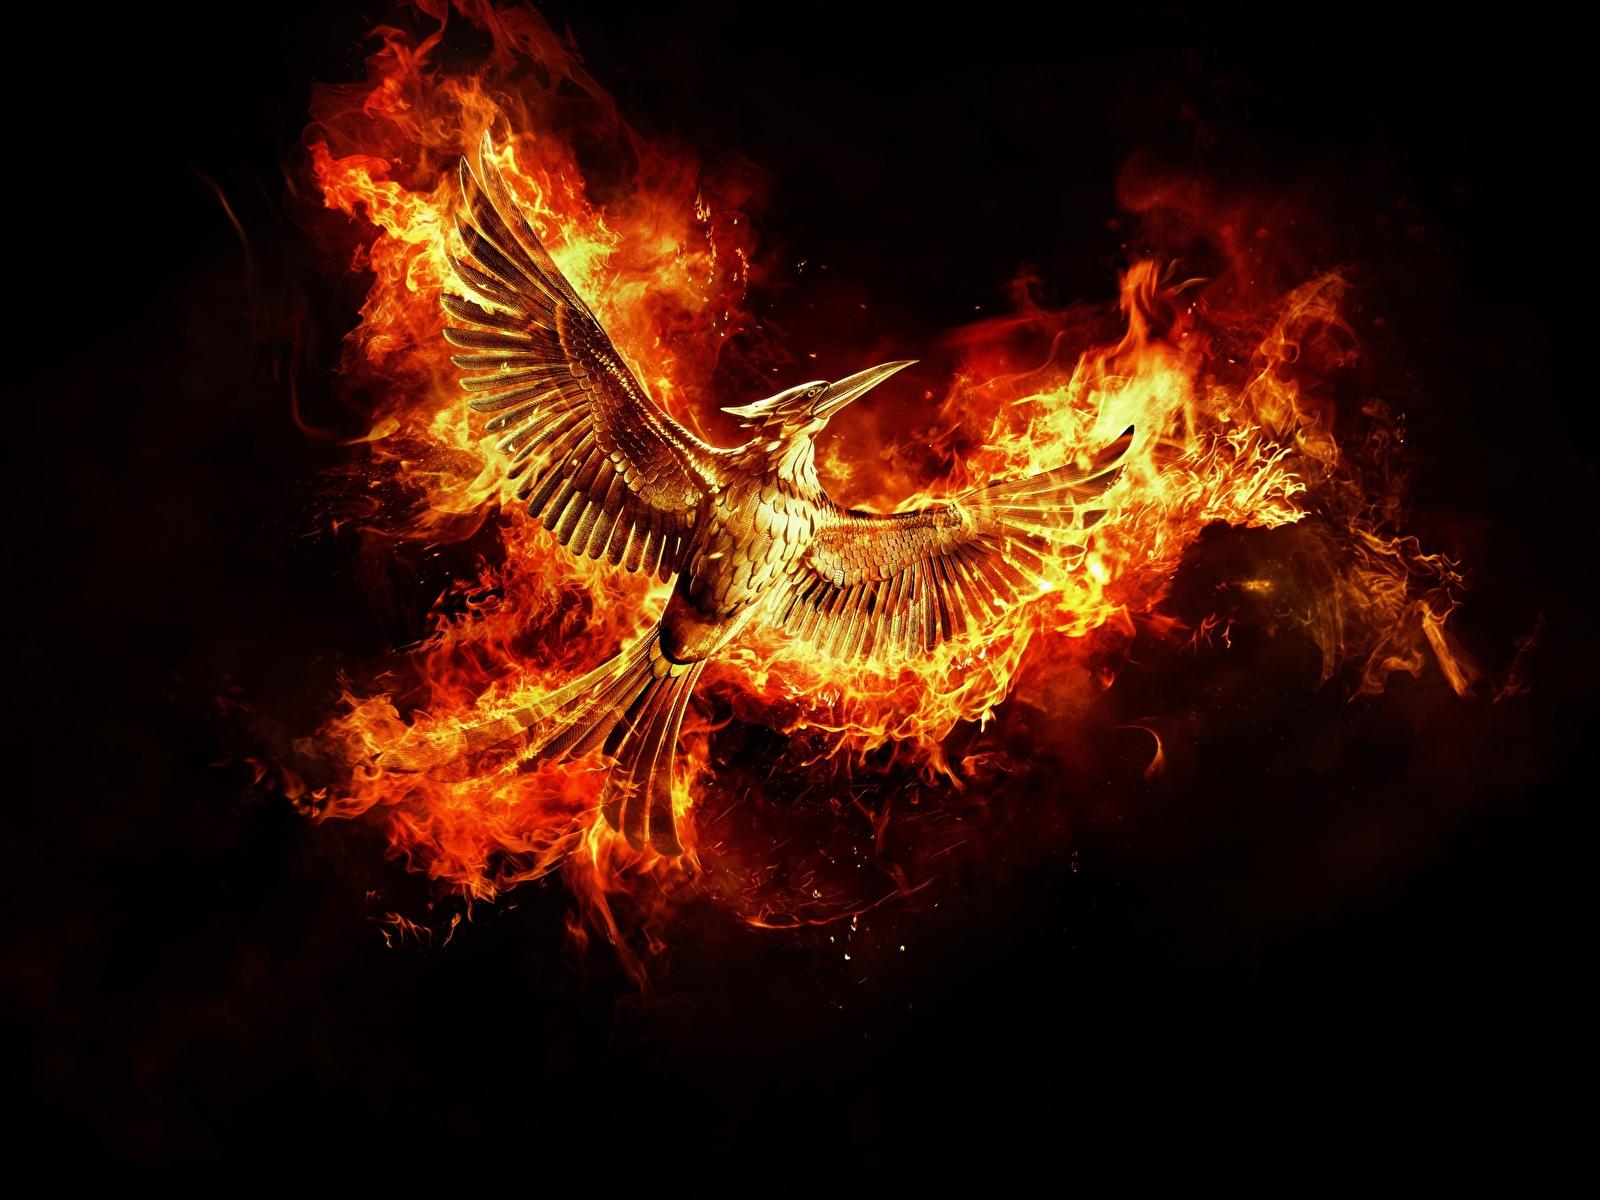 Картинки Птицы Феникс Фэнтези Огонь Черный фон 1600x1200